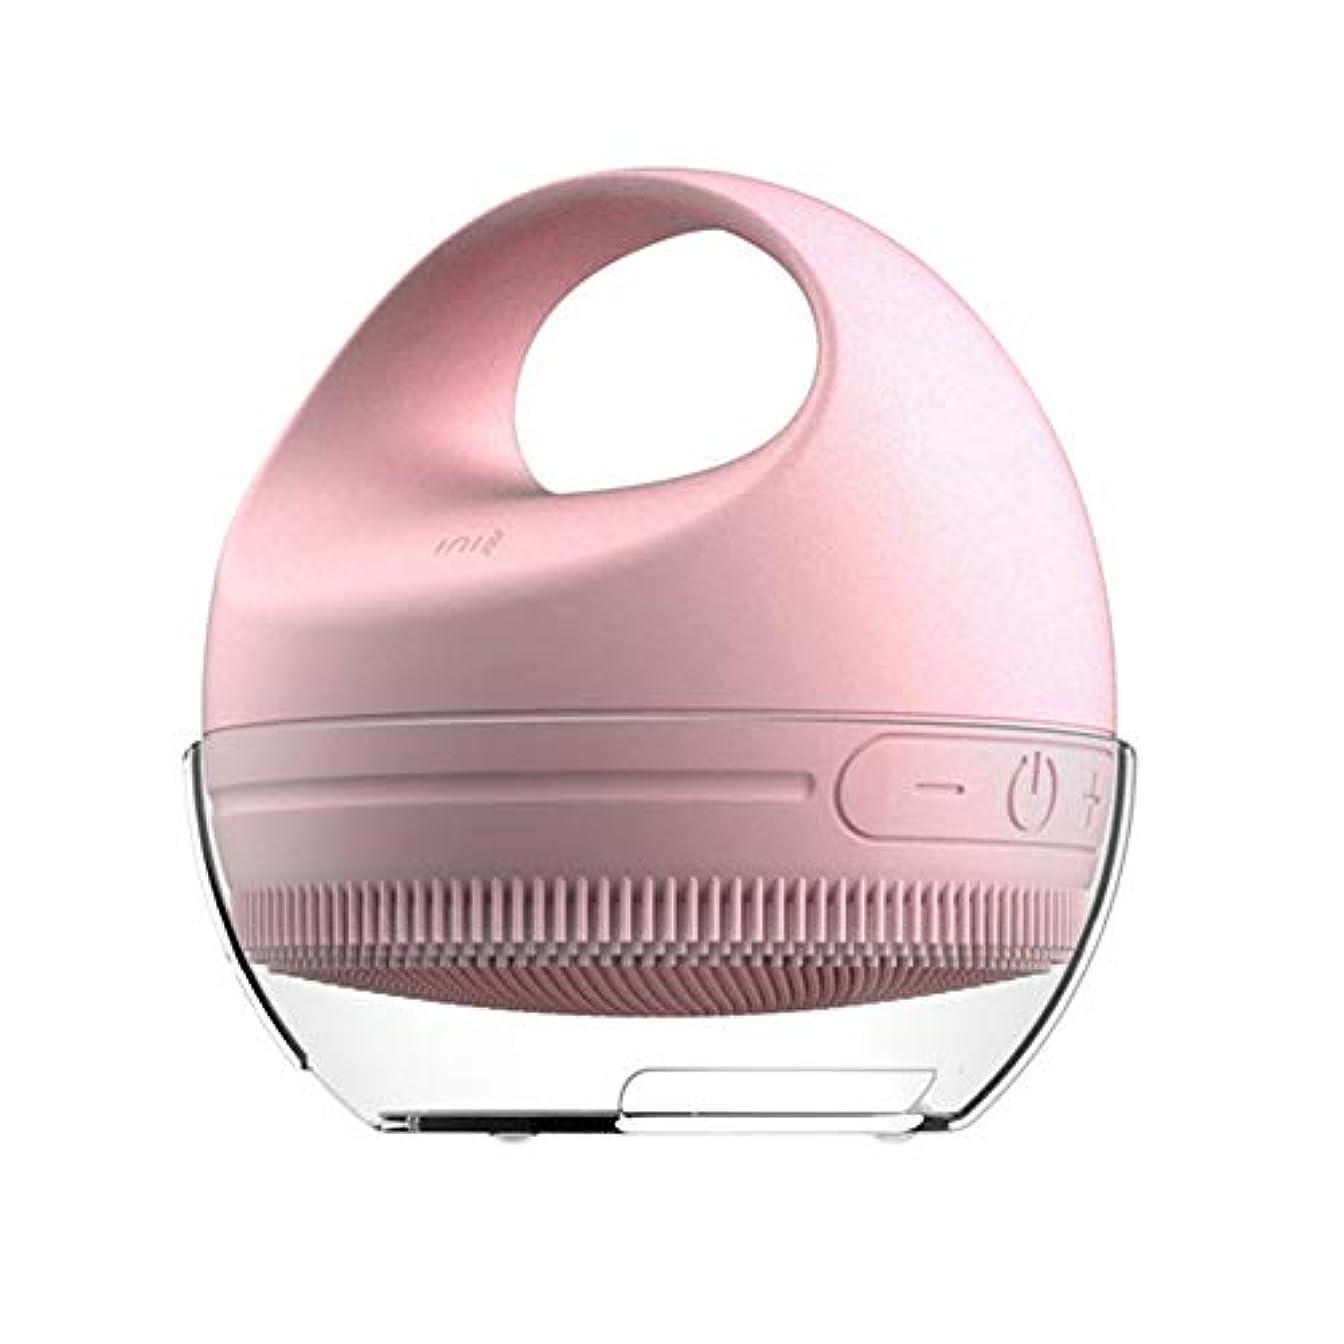 在庫天国音電気暖かい/振動シリコーンフェイスクレンザーとマッサージブラシをアップグレードしてください自己乾燥技術を使って、滑り止めのハンドル、インテリジェントなタイミング、防水IPX6、1200 mAhバッテリ,Pink